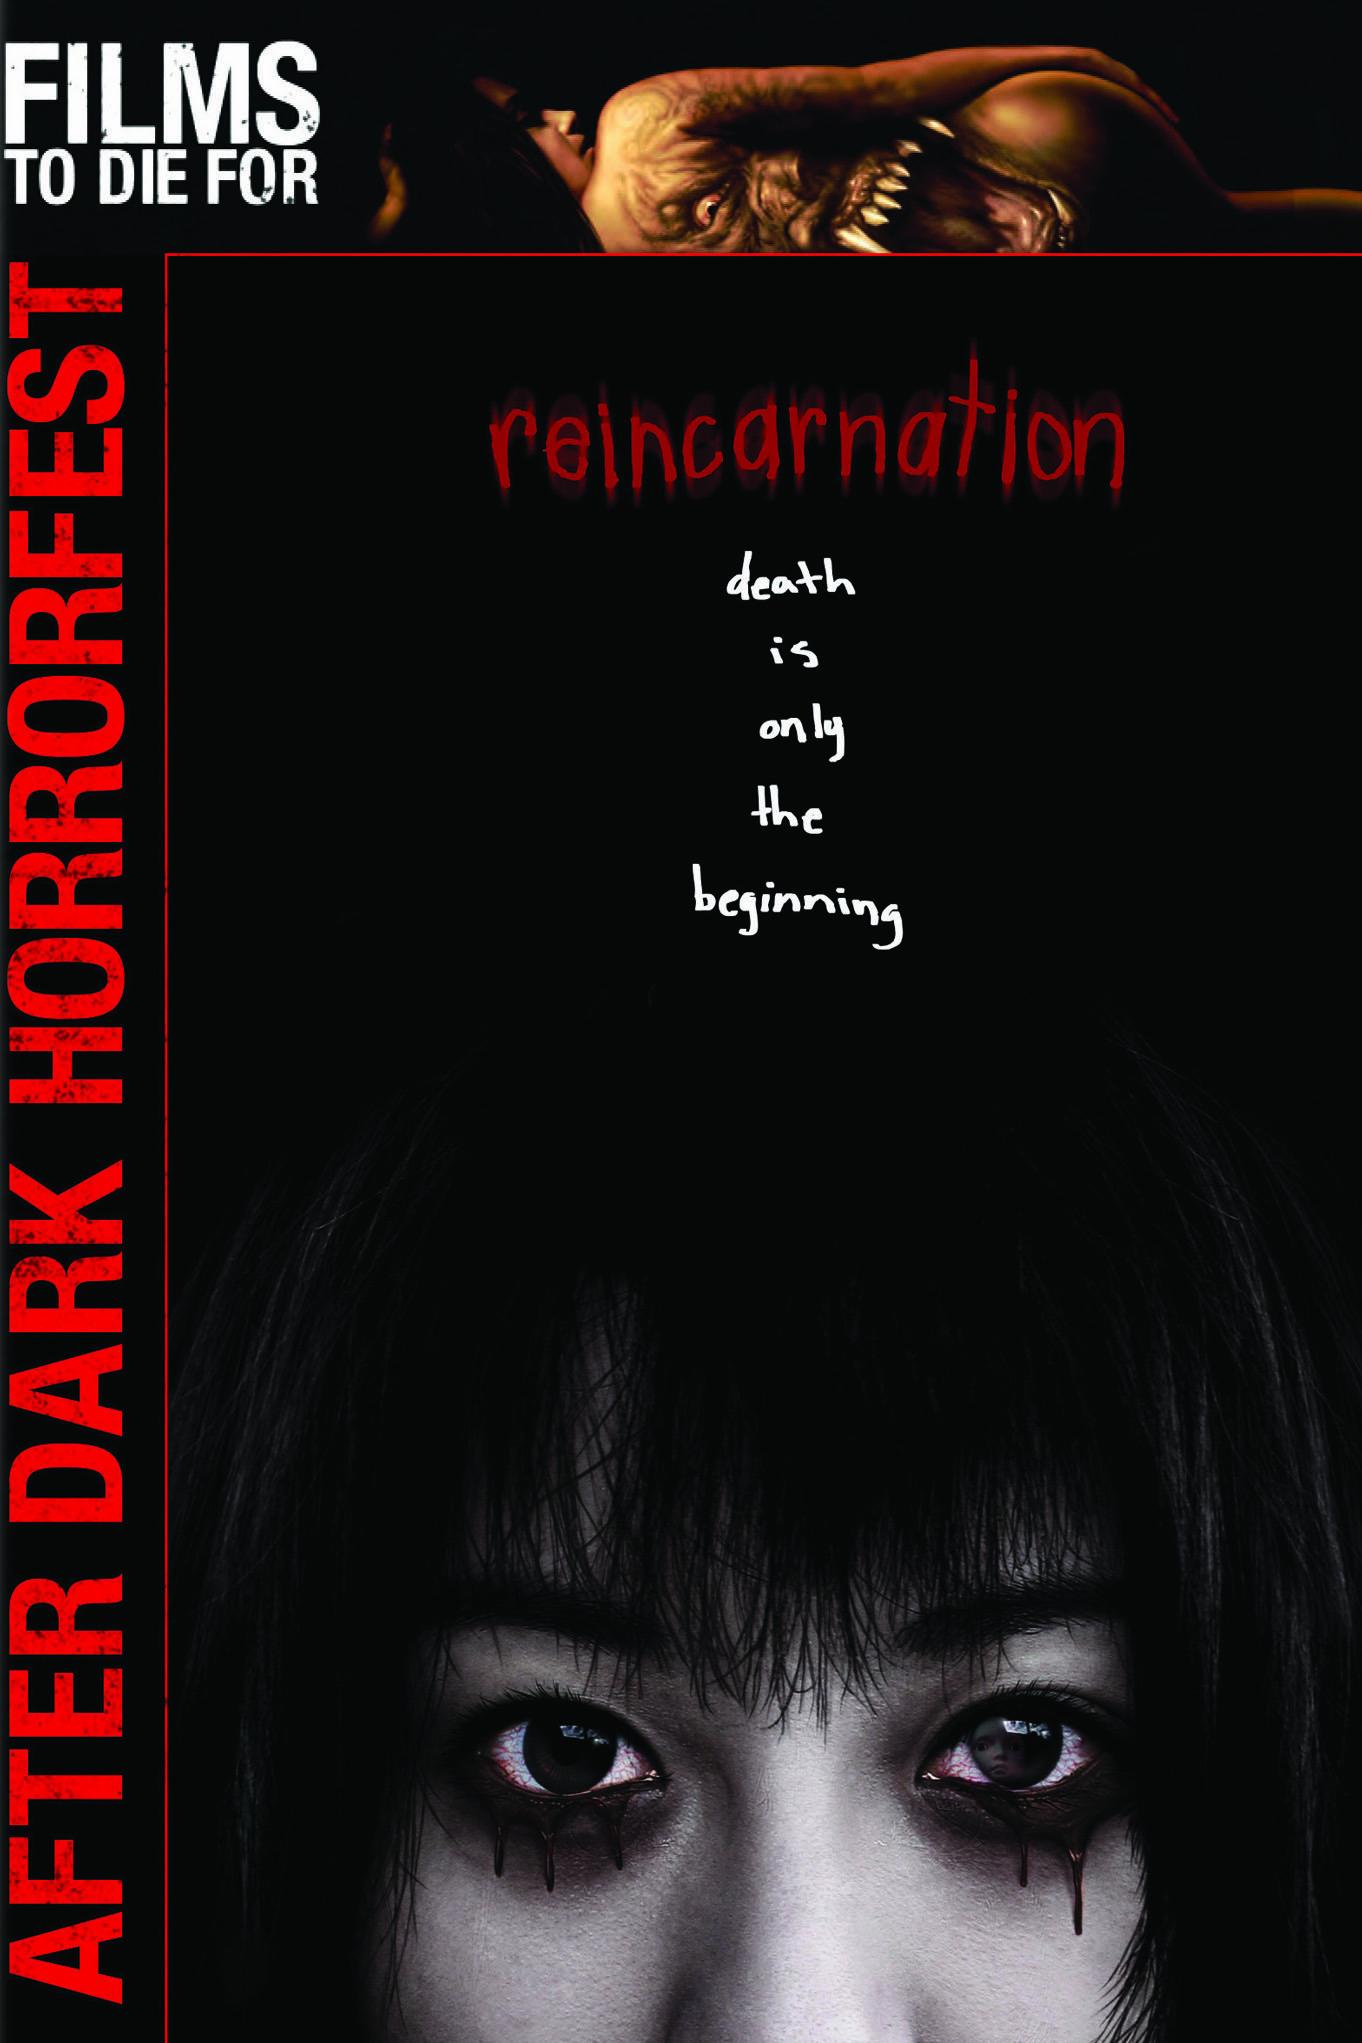 After Dark Horrorfest: Reincarnation